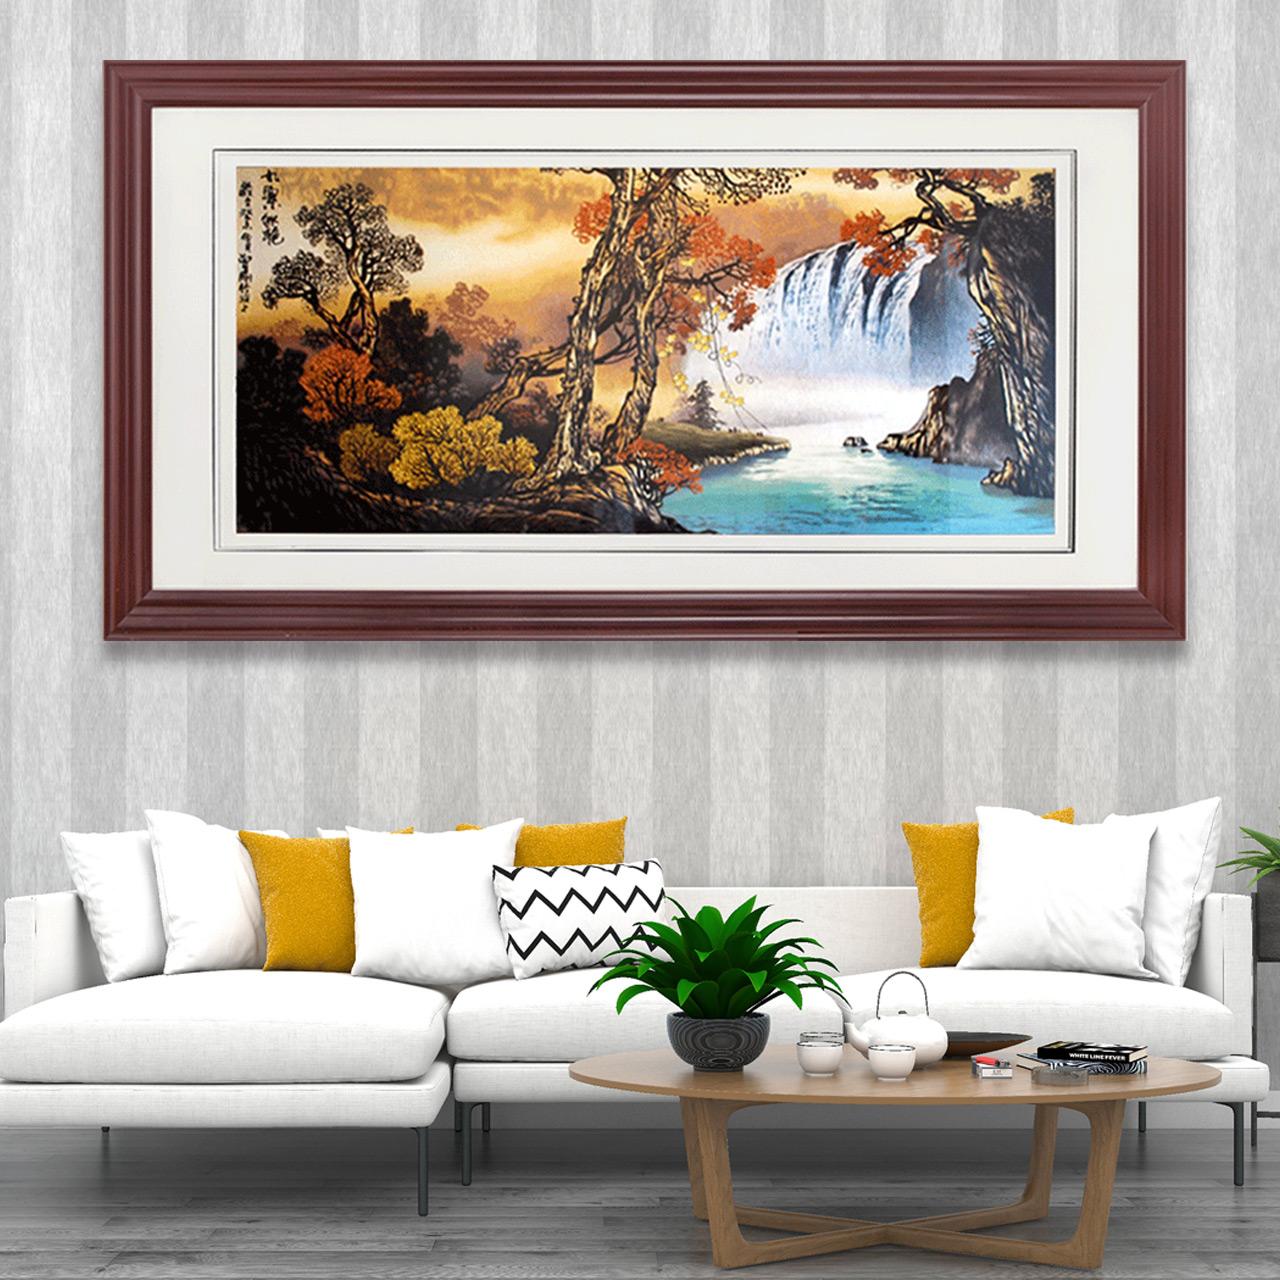 装饰画客厅现代中国风九寨沟大型壁画背景墙办公室墙画山水挂画